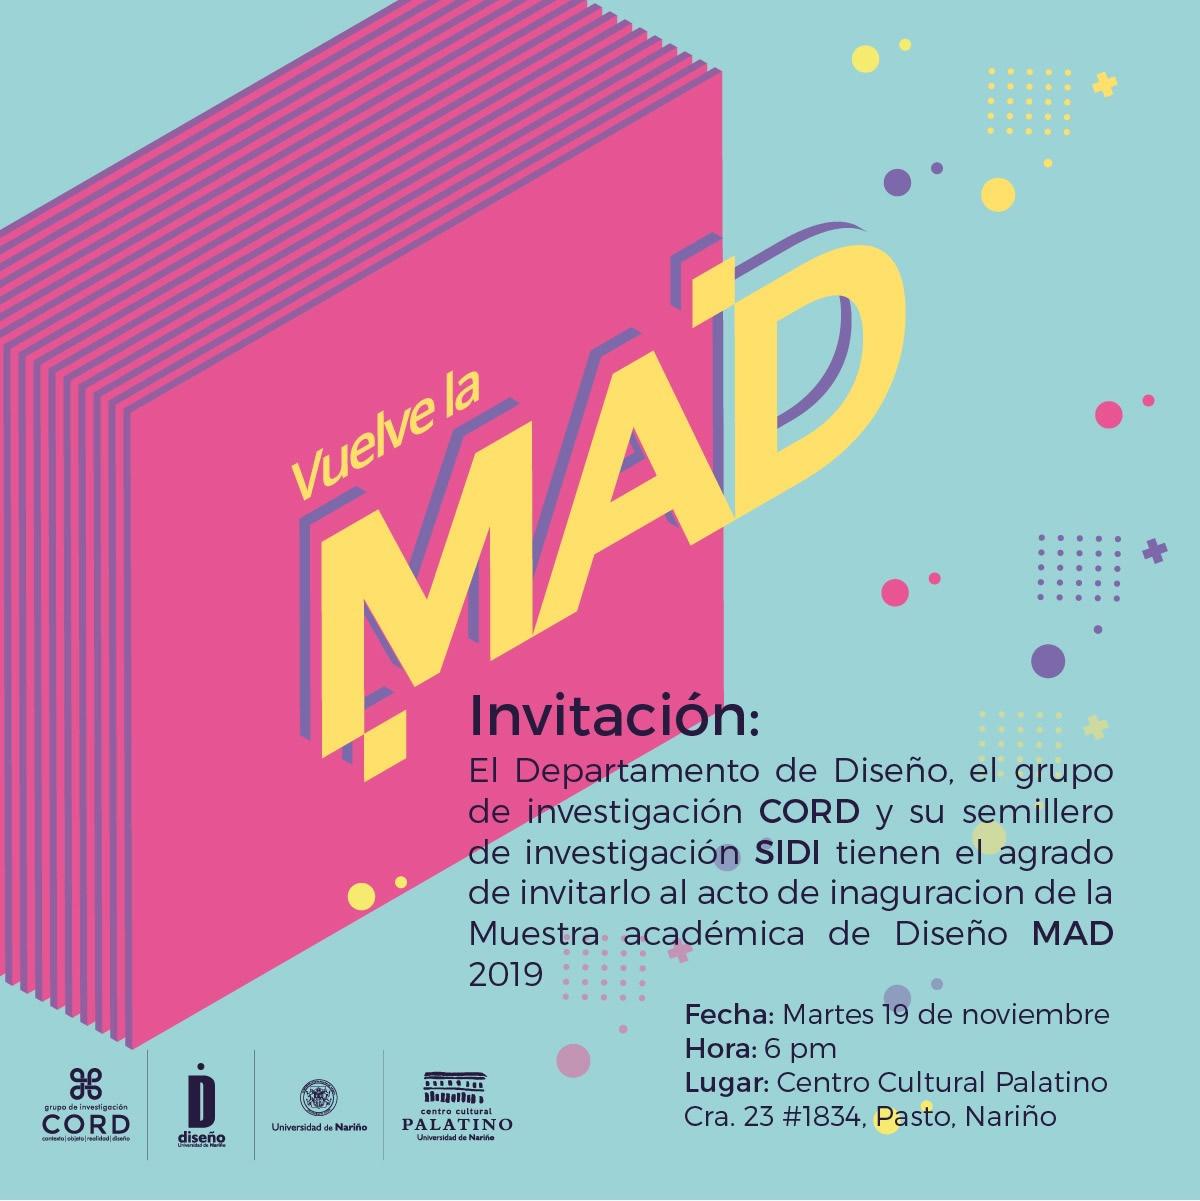 MAD 2019 invitacion